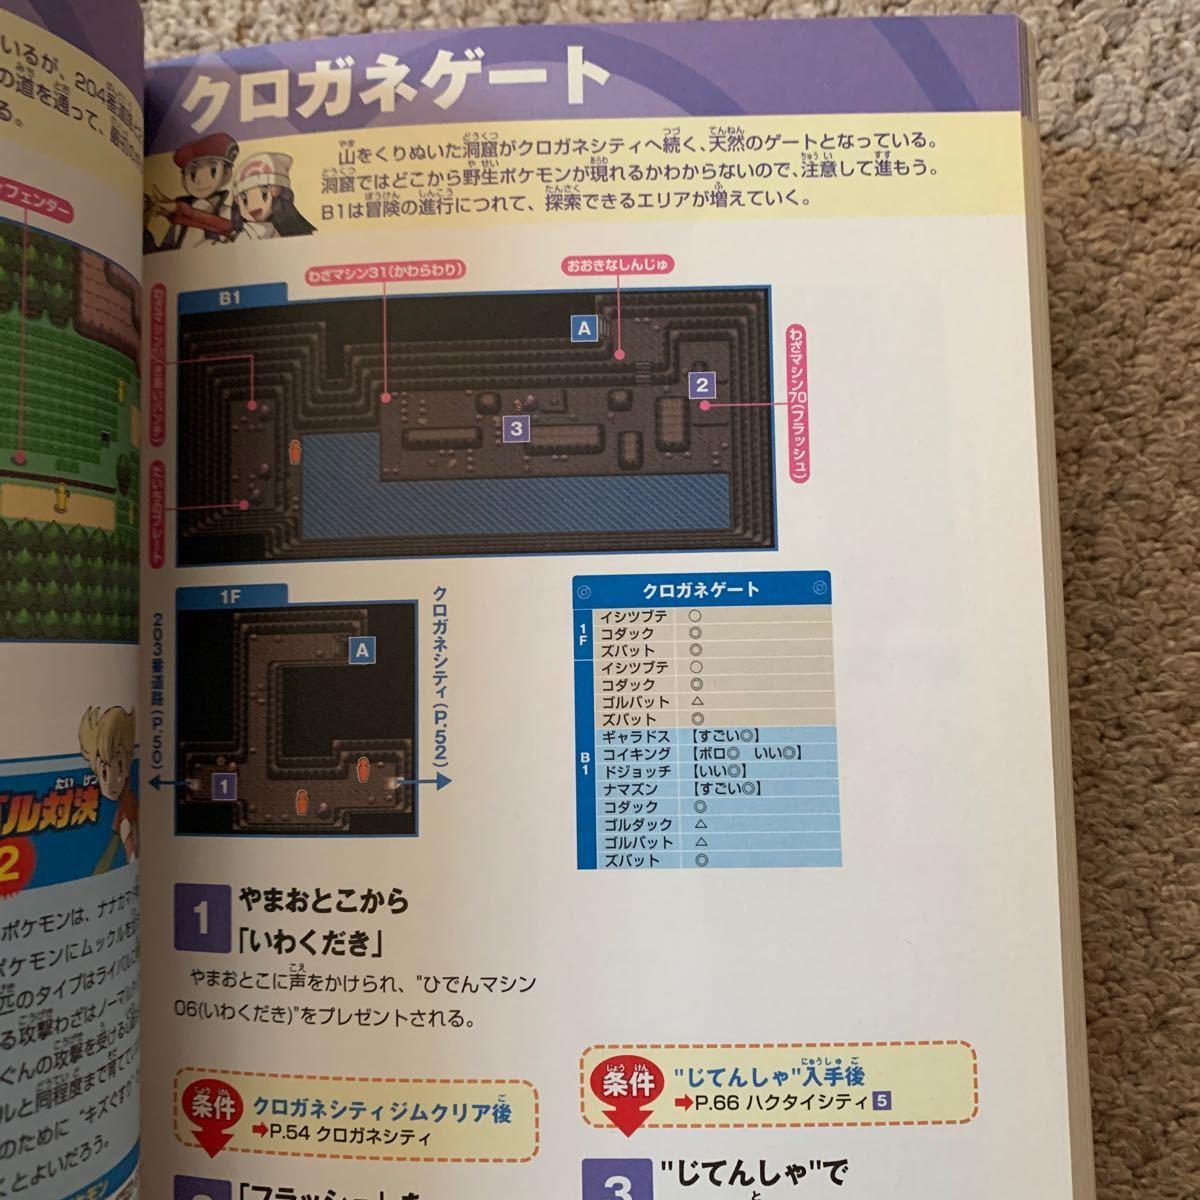 任天堂公式ガイドブックポケットモンスタープラチナマップ&図鑑(任天堂DS)